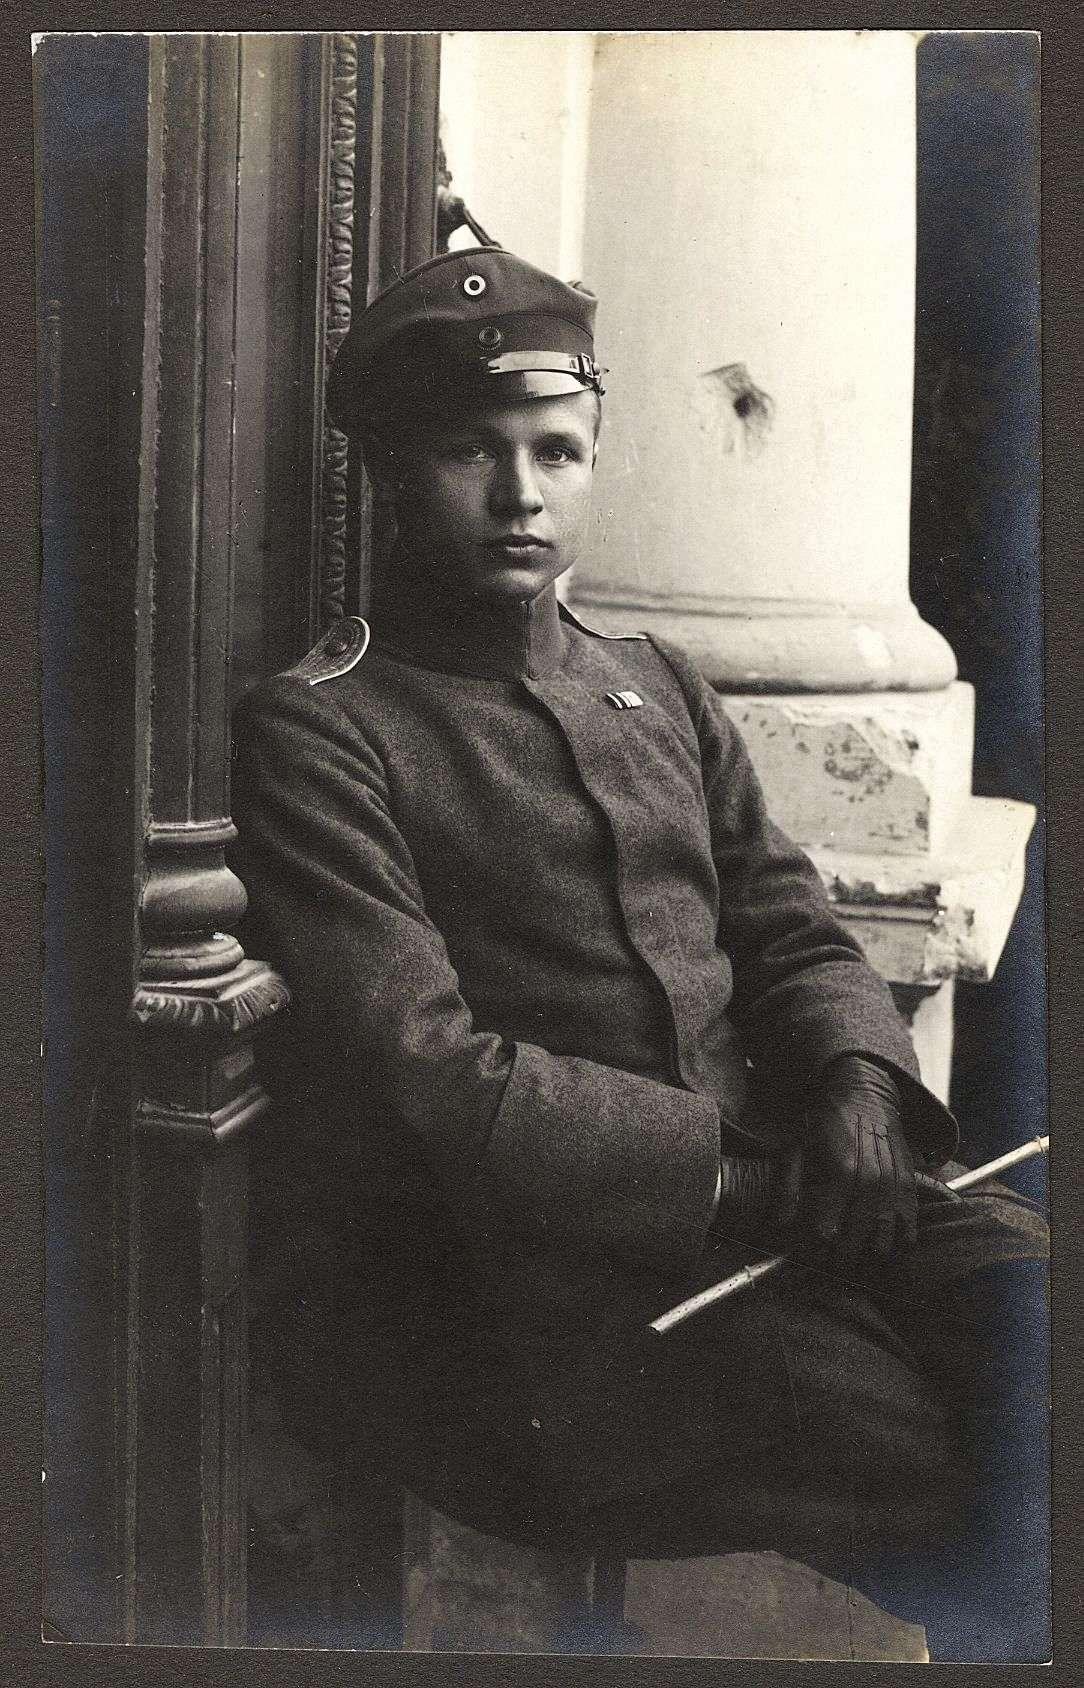 Gesswein, Adolf, Bild 2